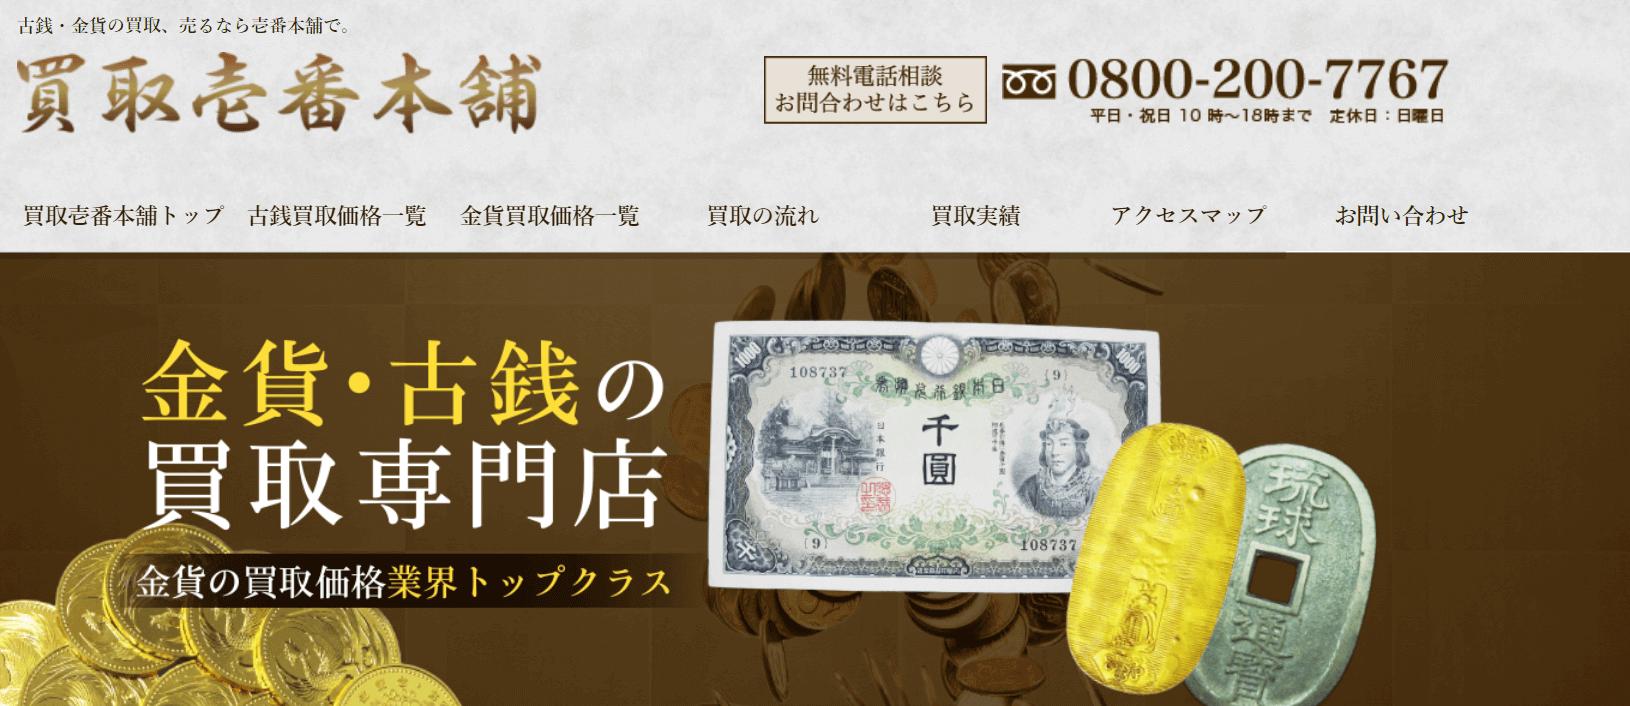 買取壱番本舗【古銭買取】での評判と口コミを徹底検証!